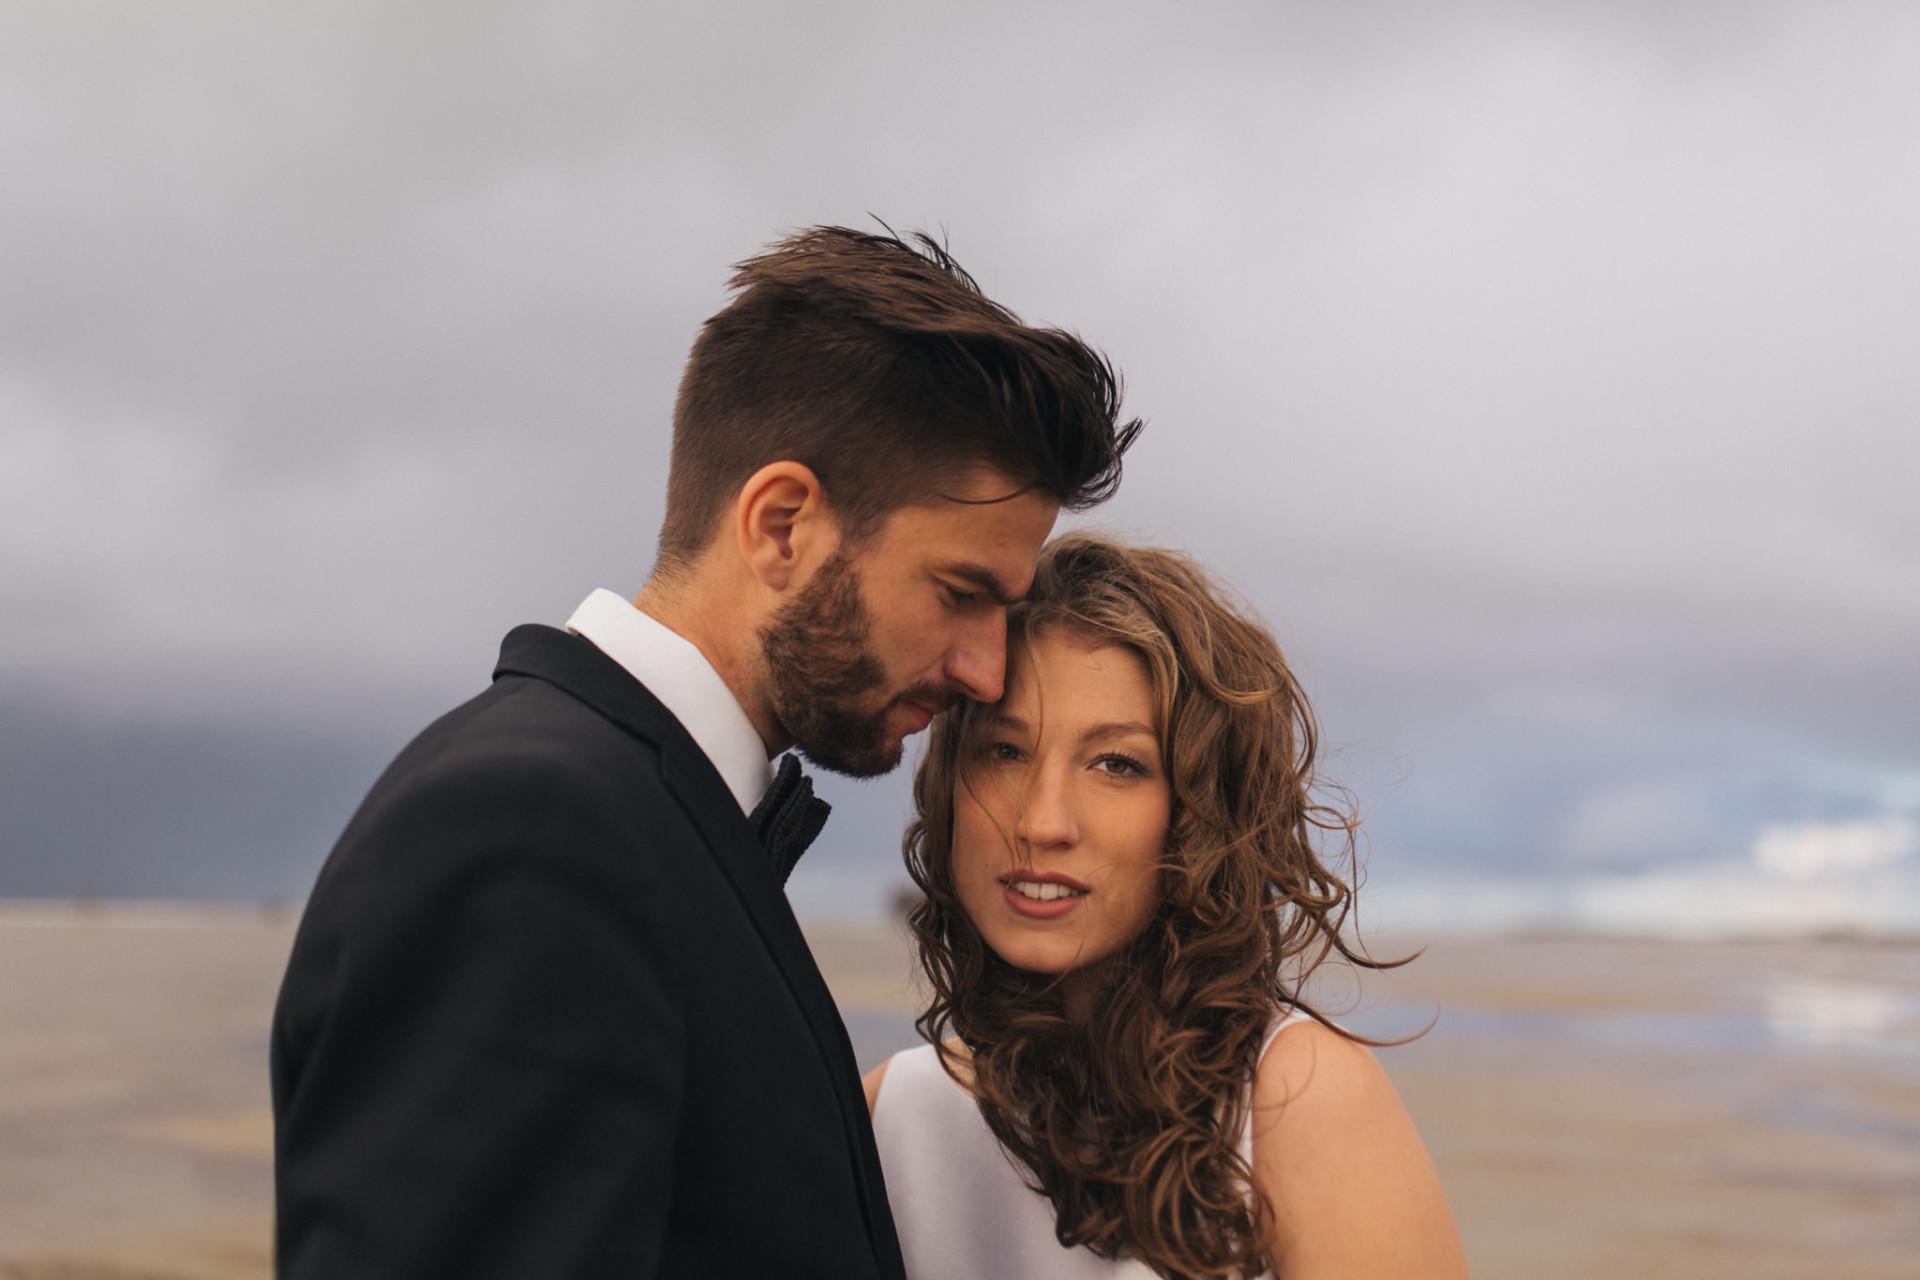 wedding portrait at the beach-elfenkleid bride